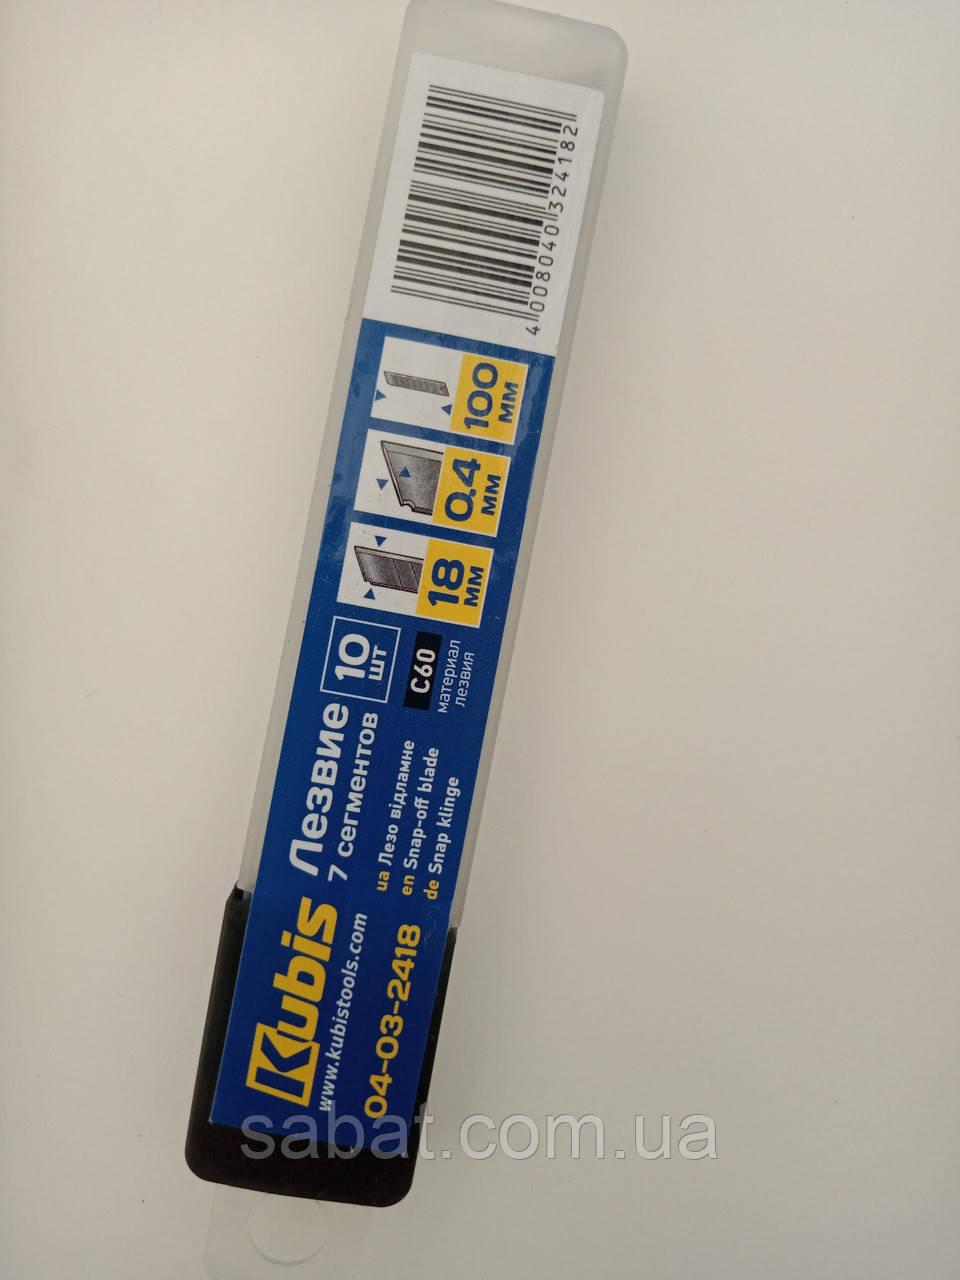 Лезвия для строительного ножа 7 сегментов Kubis18 мм, 10шт.